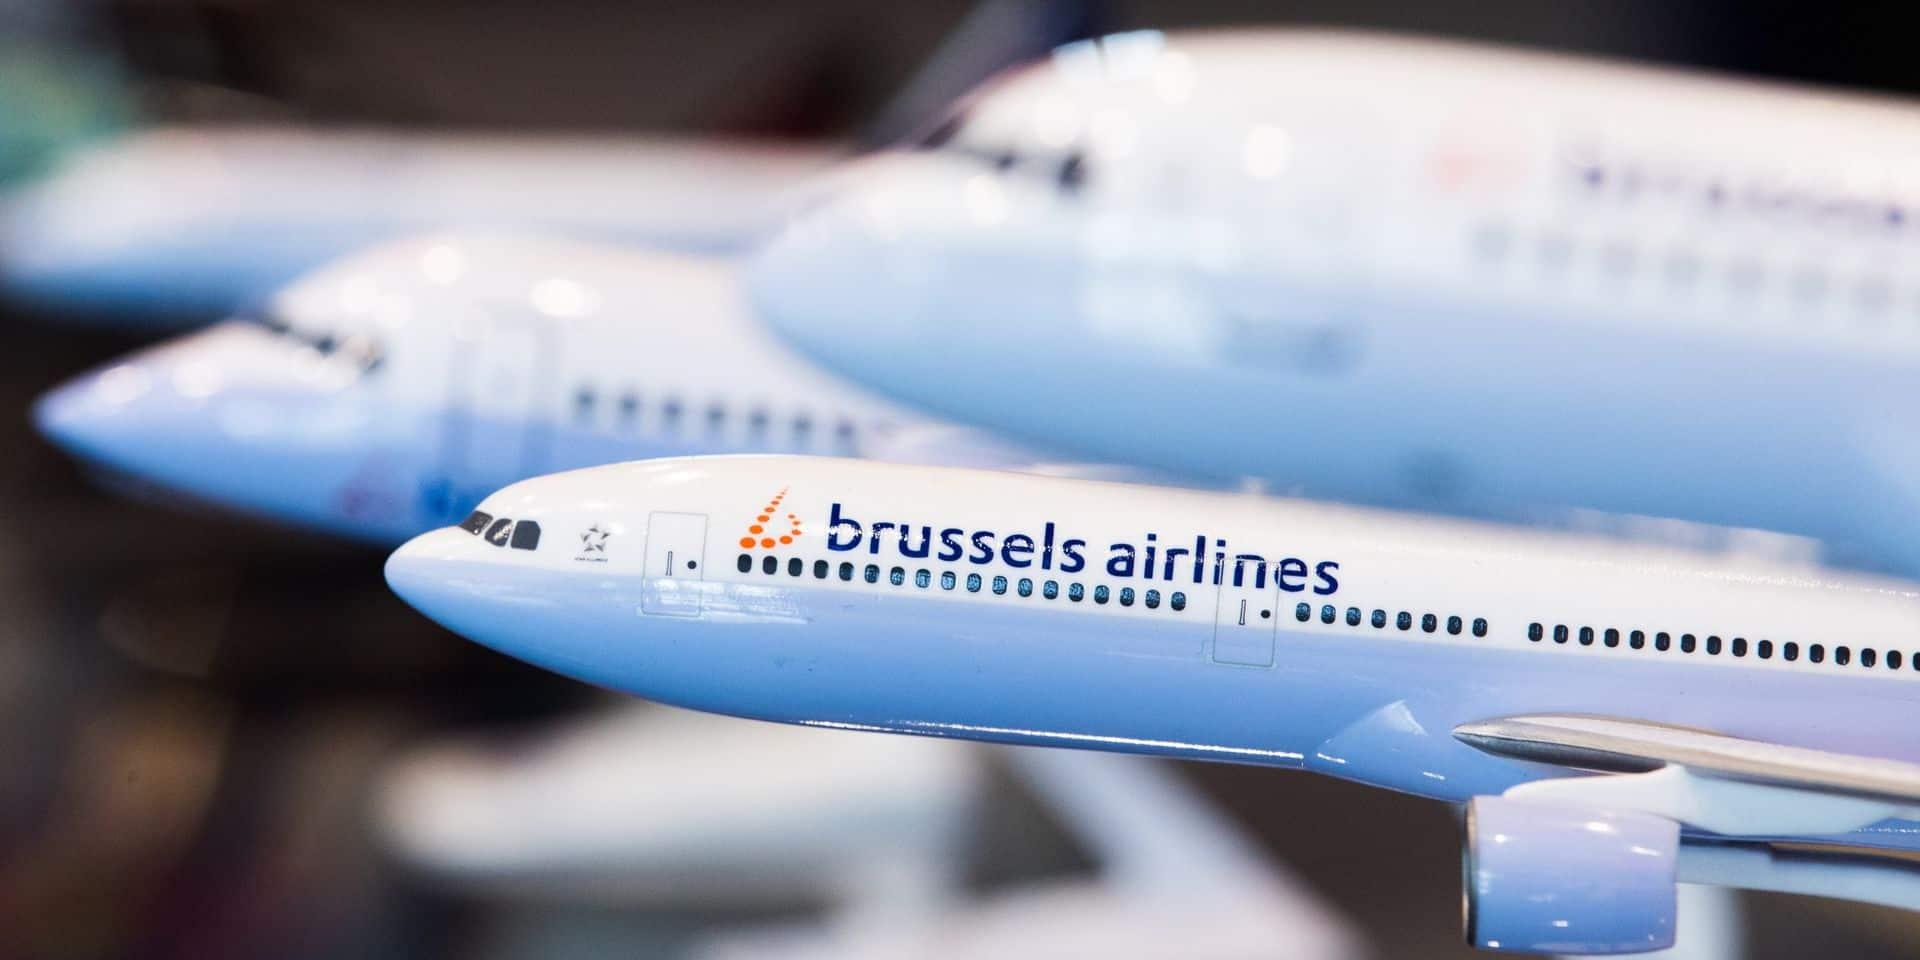 Brussels Airlines : Syndicats et direction concluent un accord de principe sur la restructuration